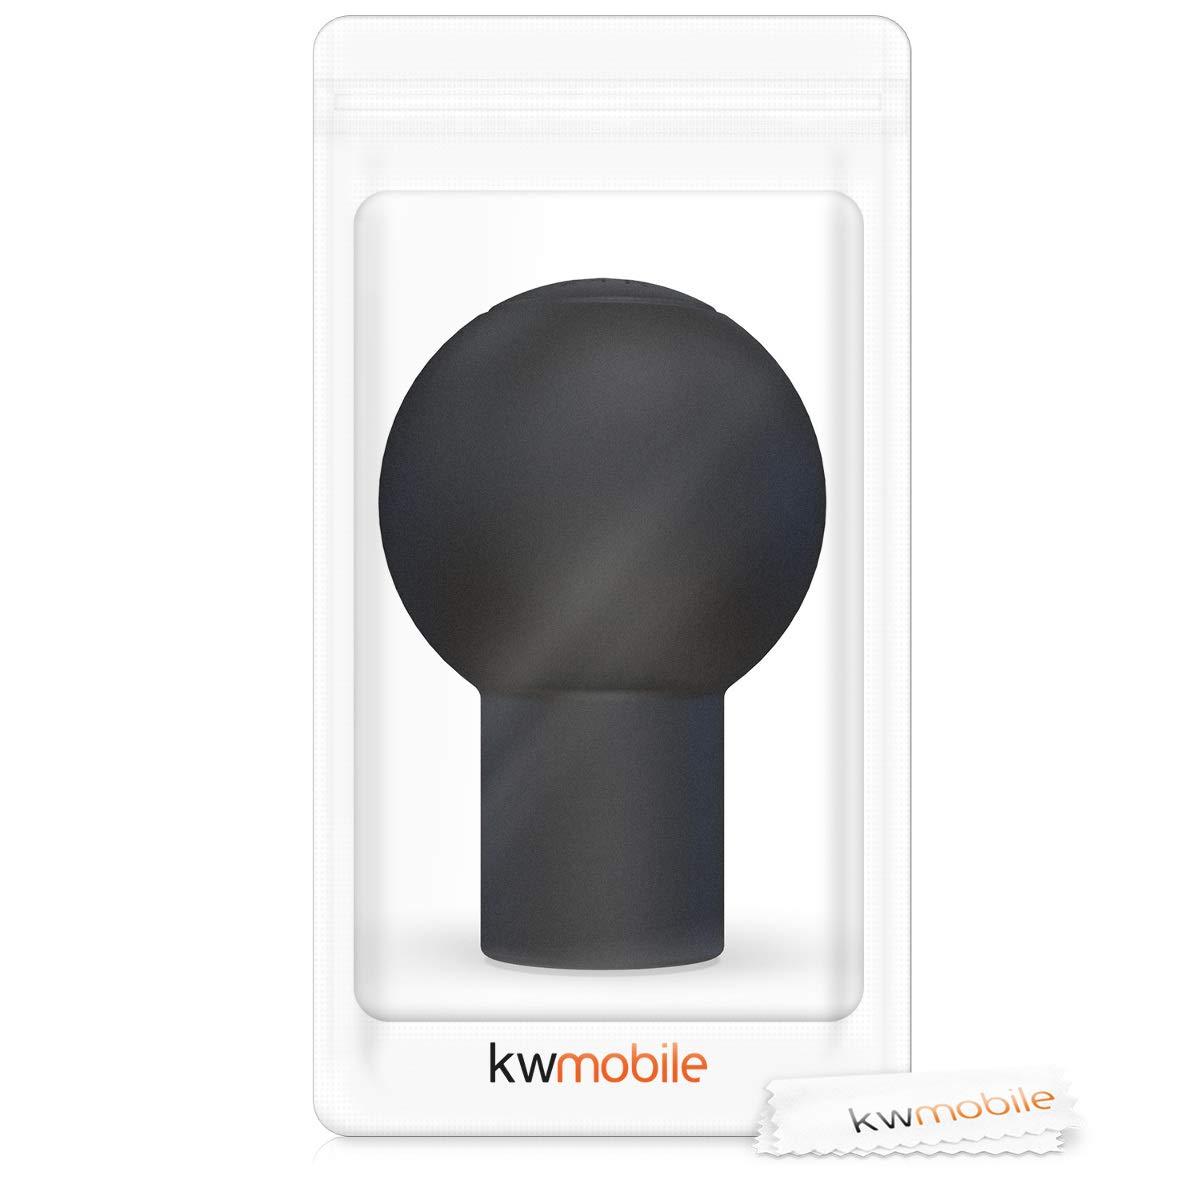 Coprimanopola cambio auto in silicone antiscivolo Guscio protettivo manopola con marce nero kwmobile Copri pomello per pomello del cambio tondo 5 marce tipo B